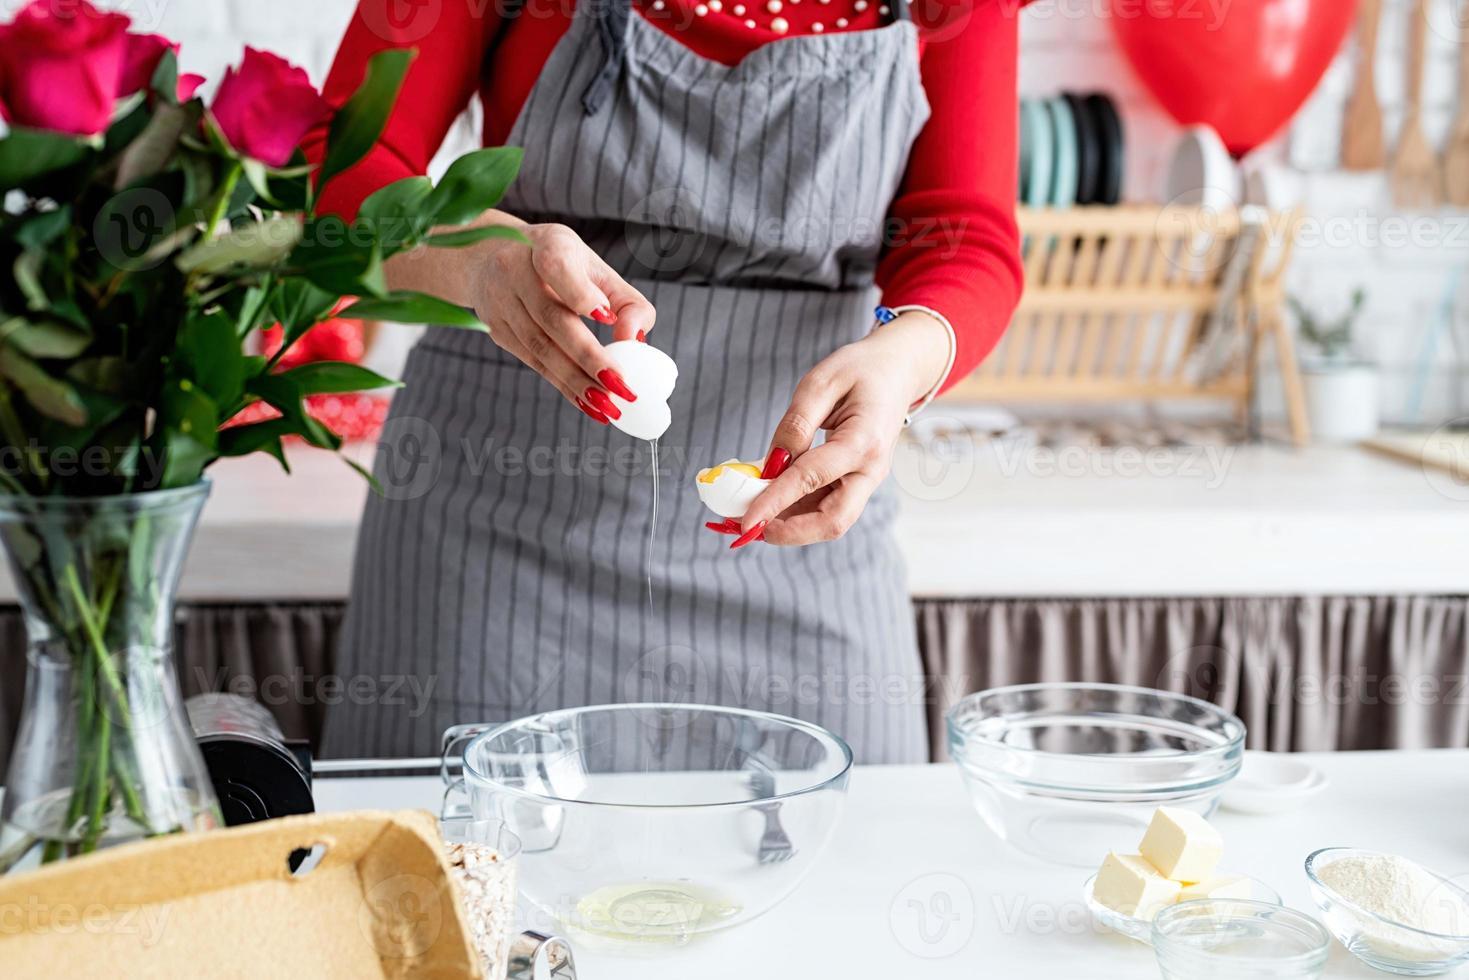 femme en robe rouge et tablier gris faisant la cuisine de la Saint-Valentin photo